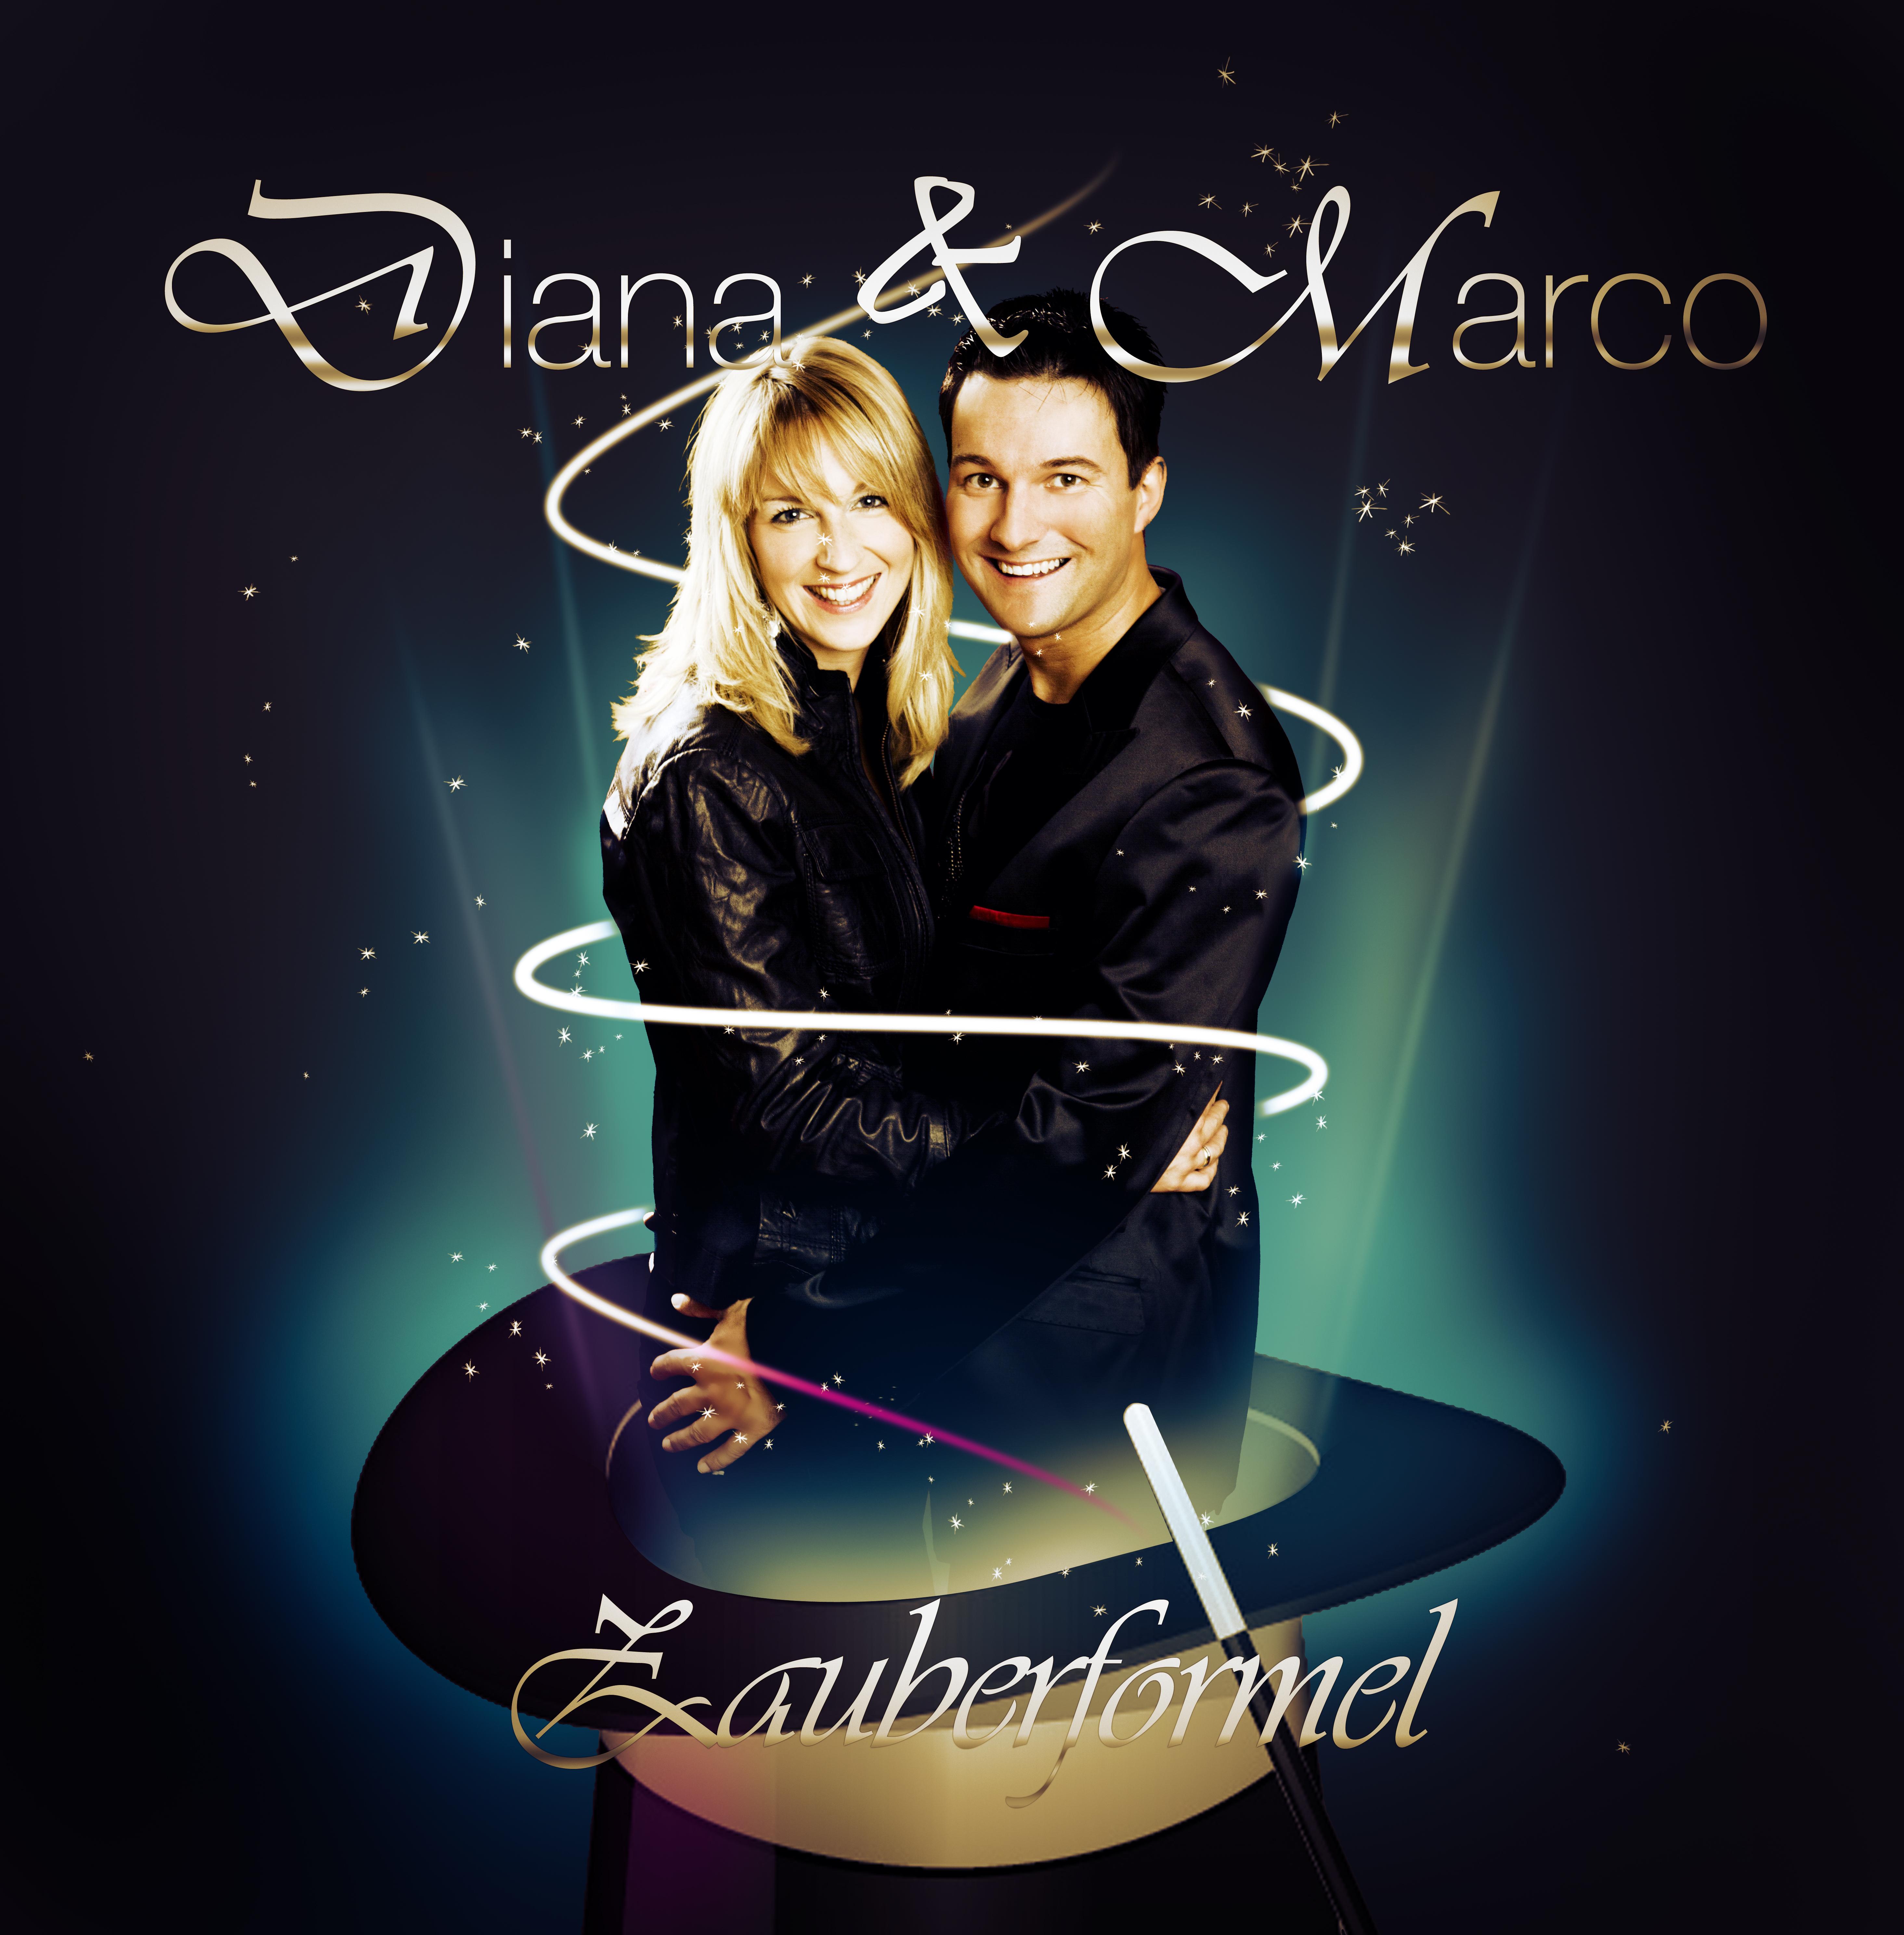 Druckdaten_CD_Diana_&_Marco_Aus_Versehn_verliebt